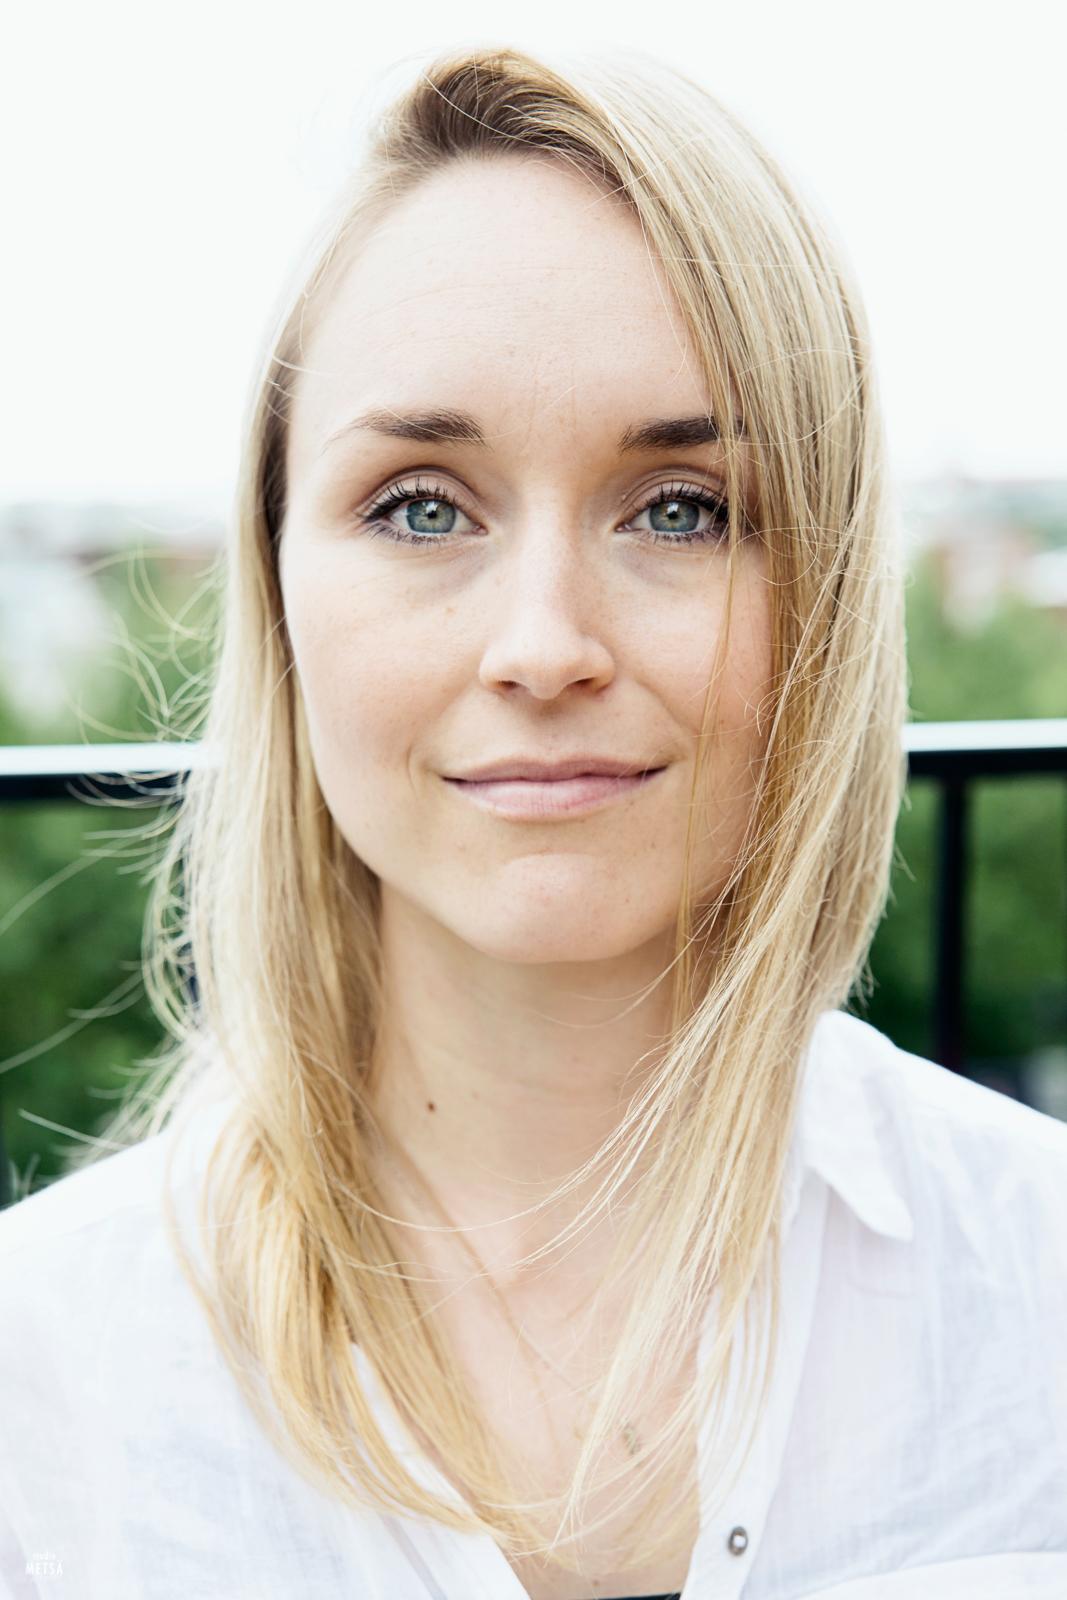 Portraits of Annika in Helsinki, Finland